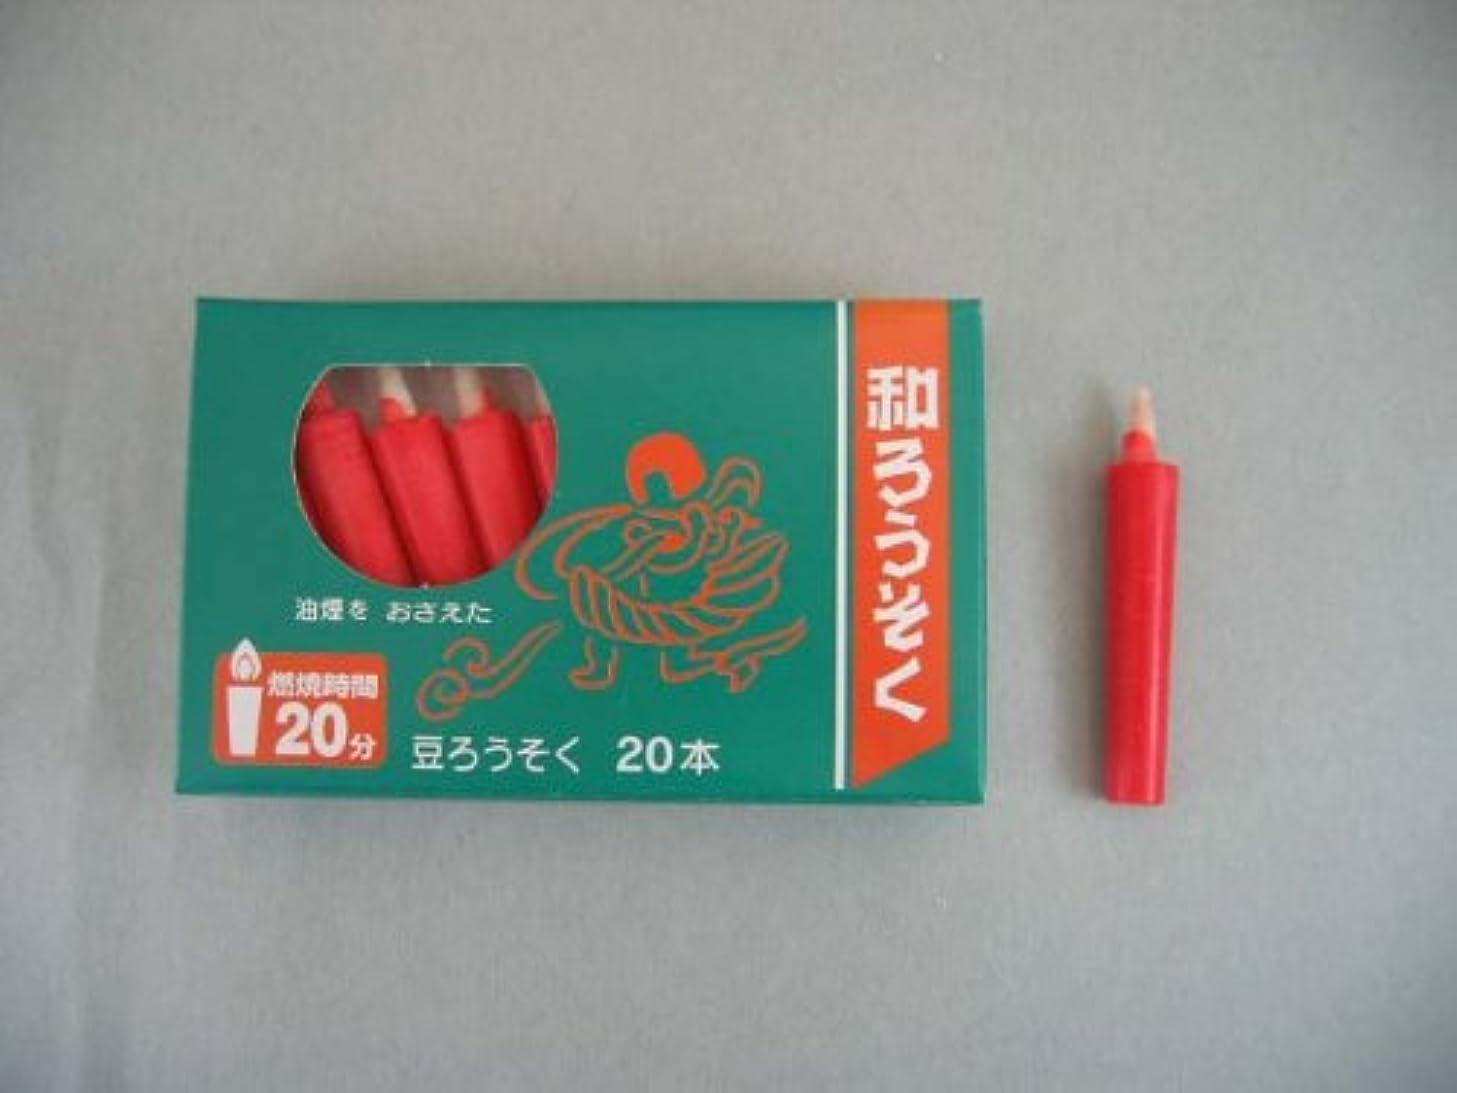 一節オート思慮深い和ろうそく 【朱】 型和蝋燭 ローソク 豆型 棒タイプ 朱色 小箱 20本入り